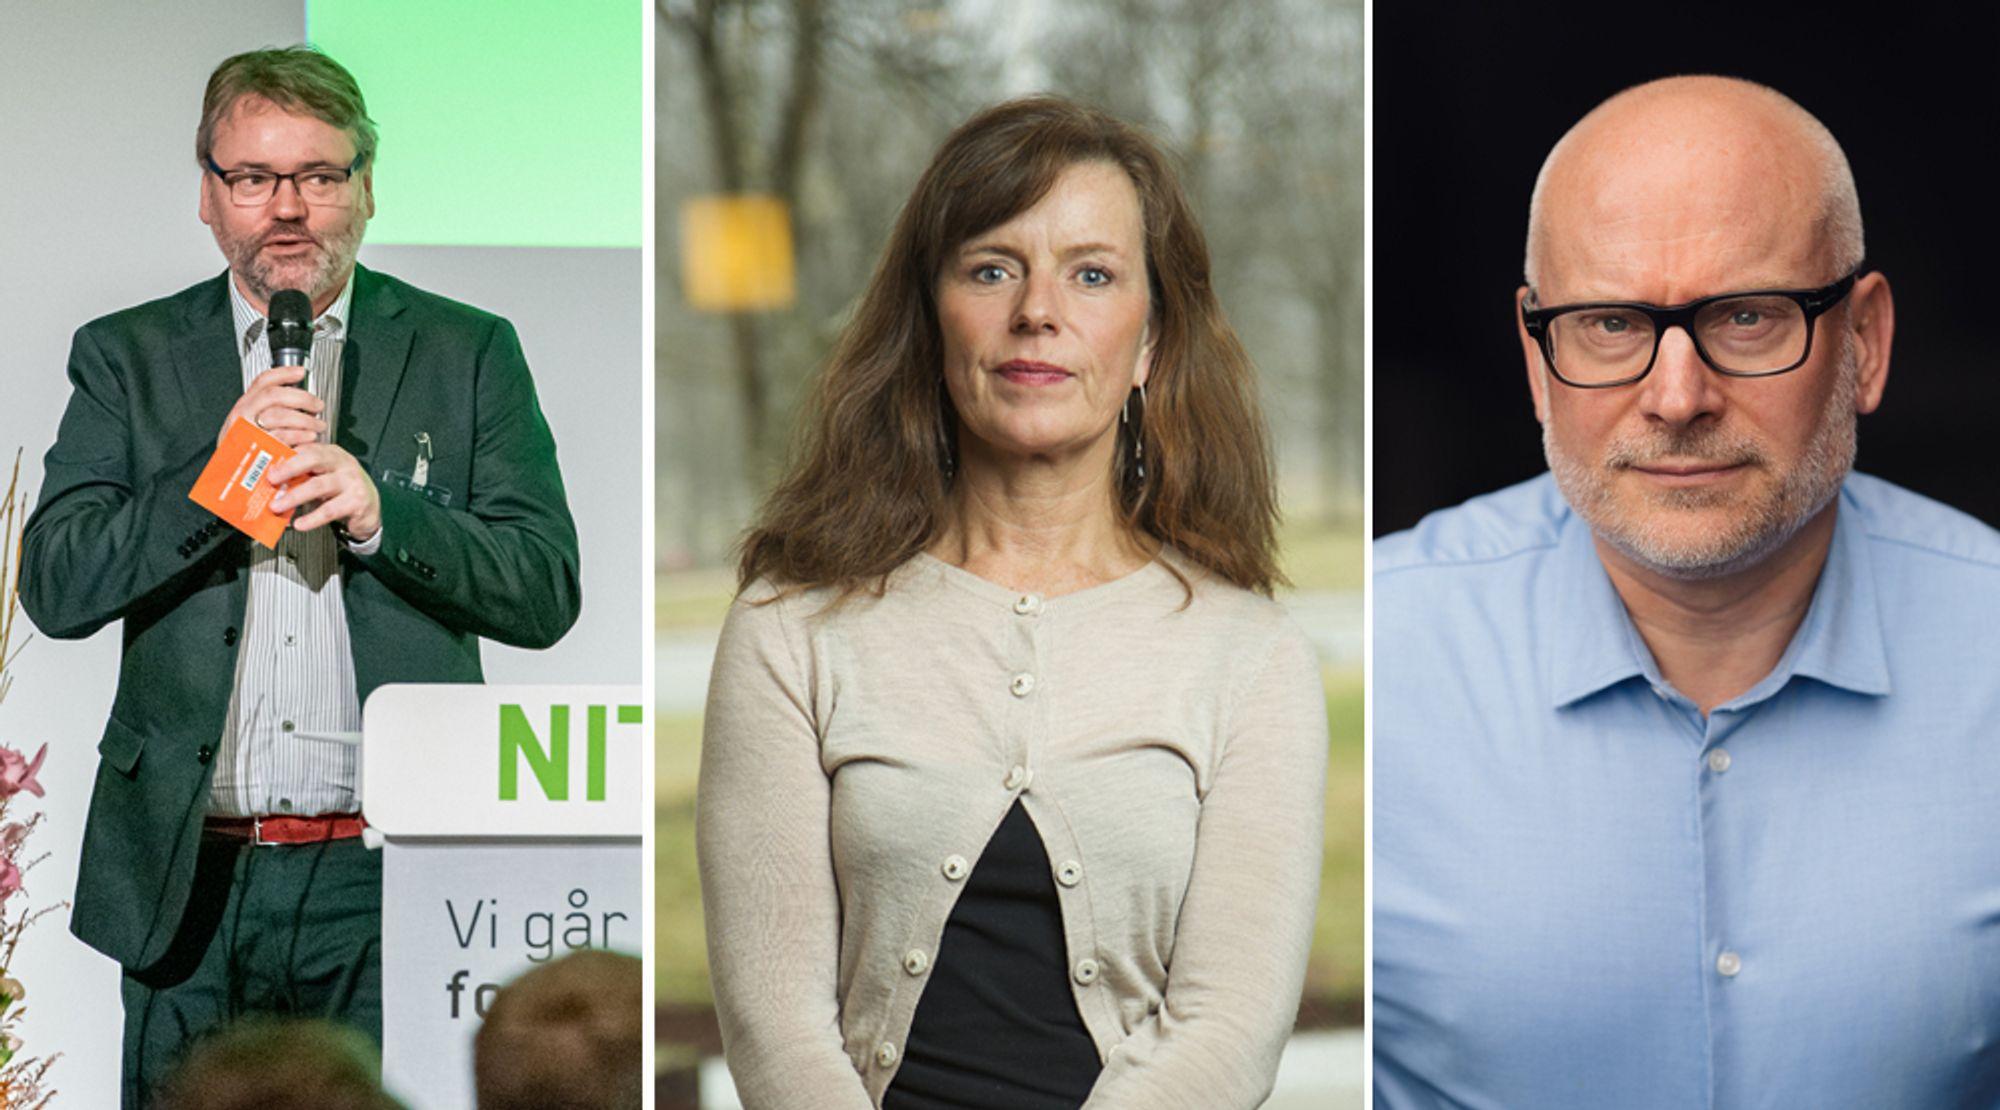 Fra venstre: Forhandlingssjef Knut Aarbakke i Nito, Birgit Jakobsen i Abelia og Erlend Aarsand, nyslått leder av Teknas arbeidslivsavdeling.